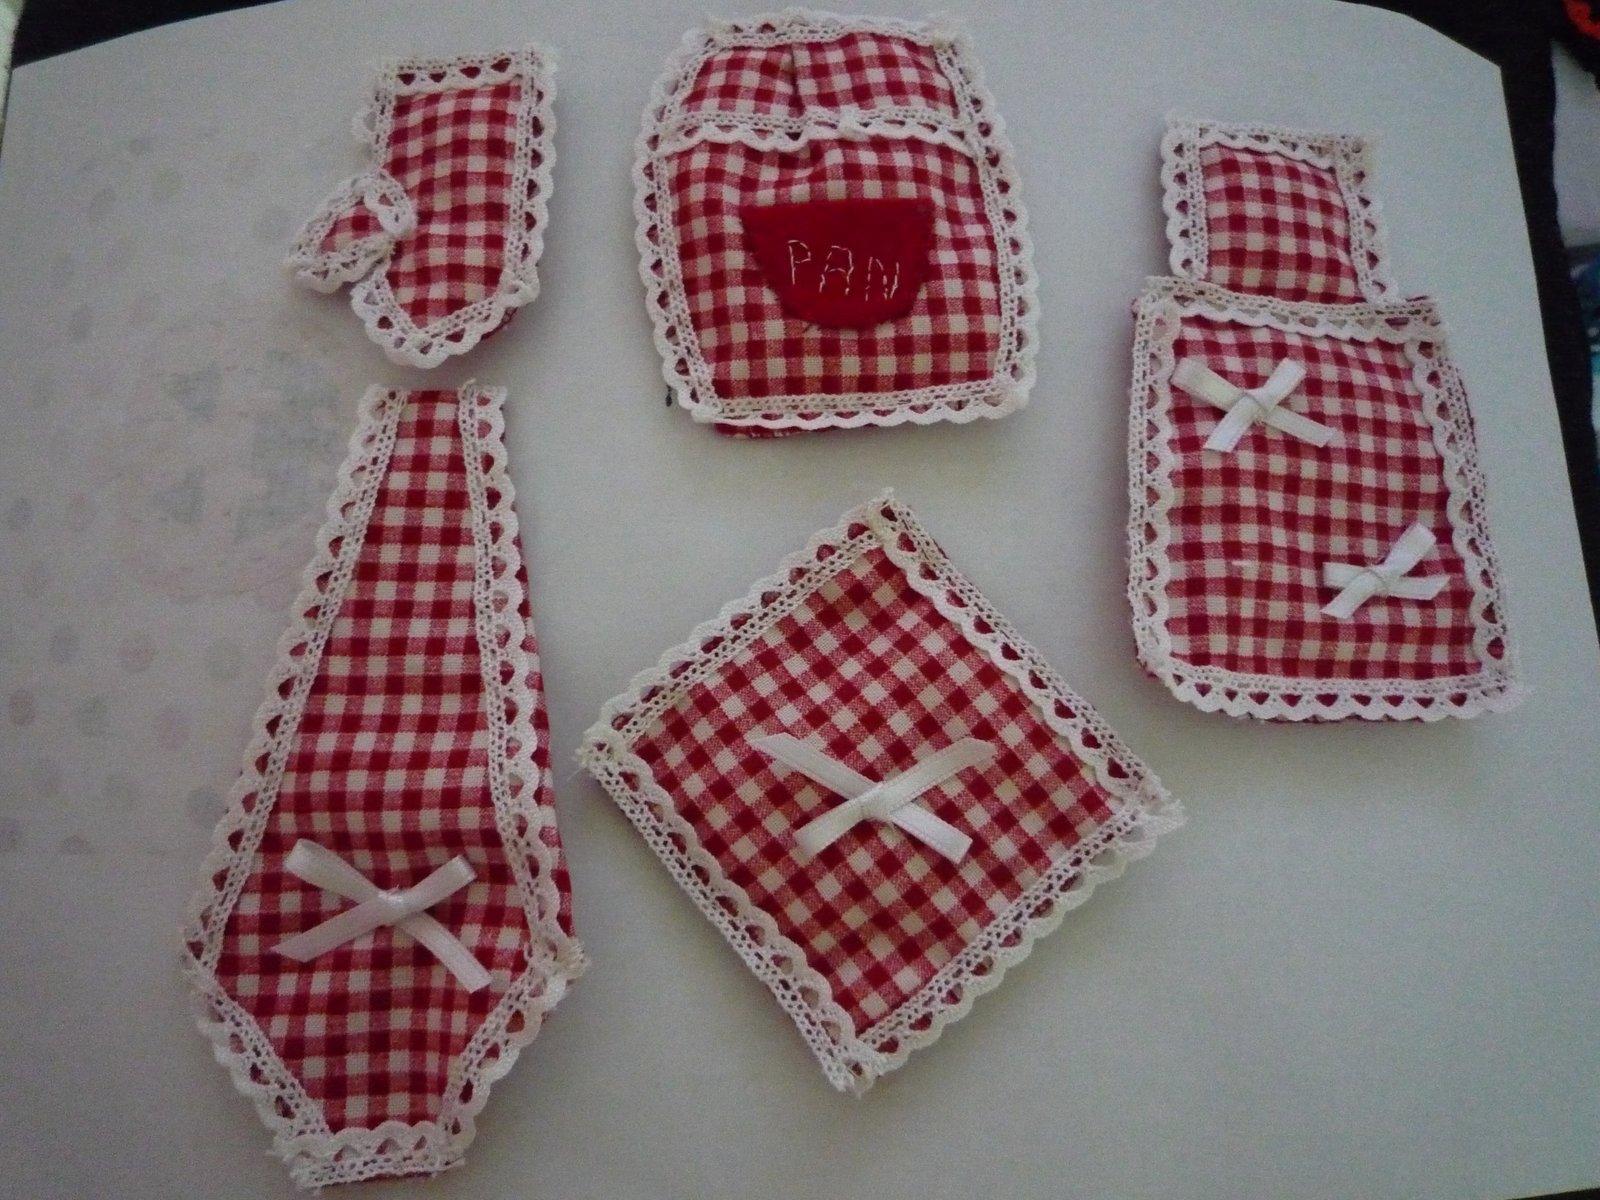 Todas las cositas de carmen patchwork imanes para la cocina - Patchwork para cocina ...